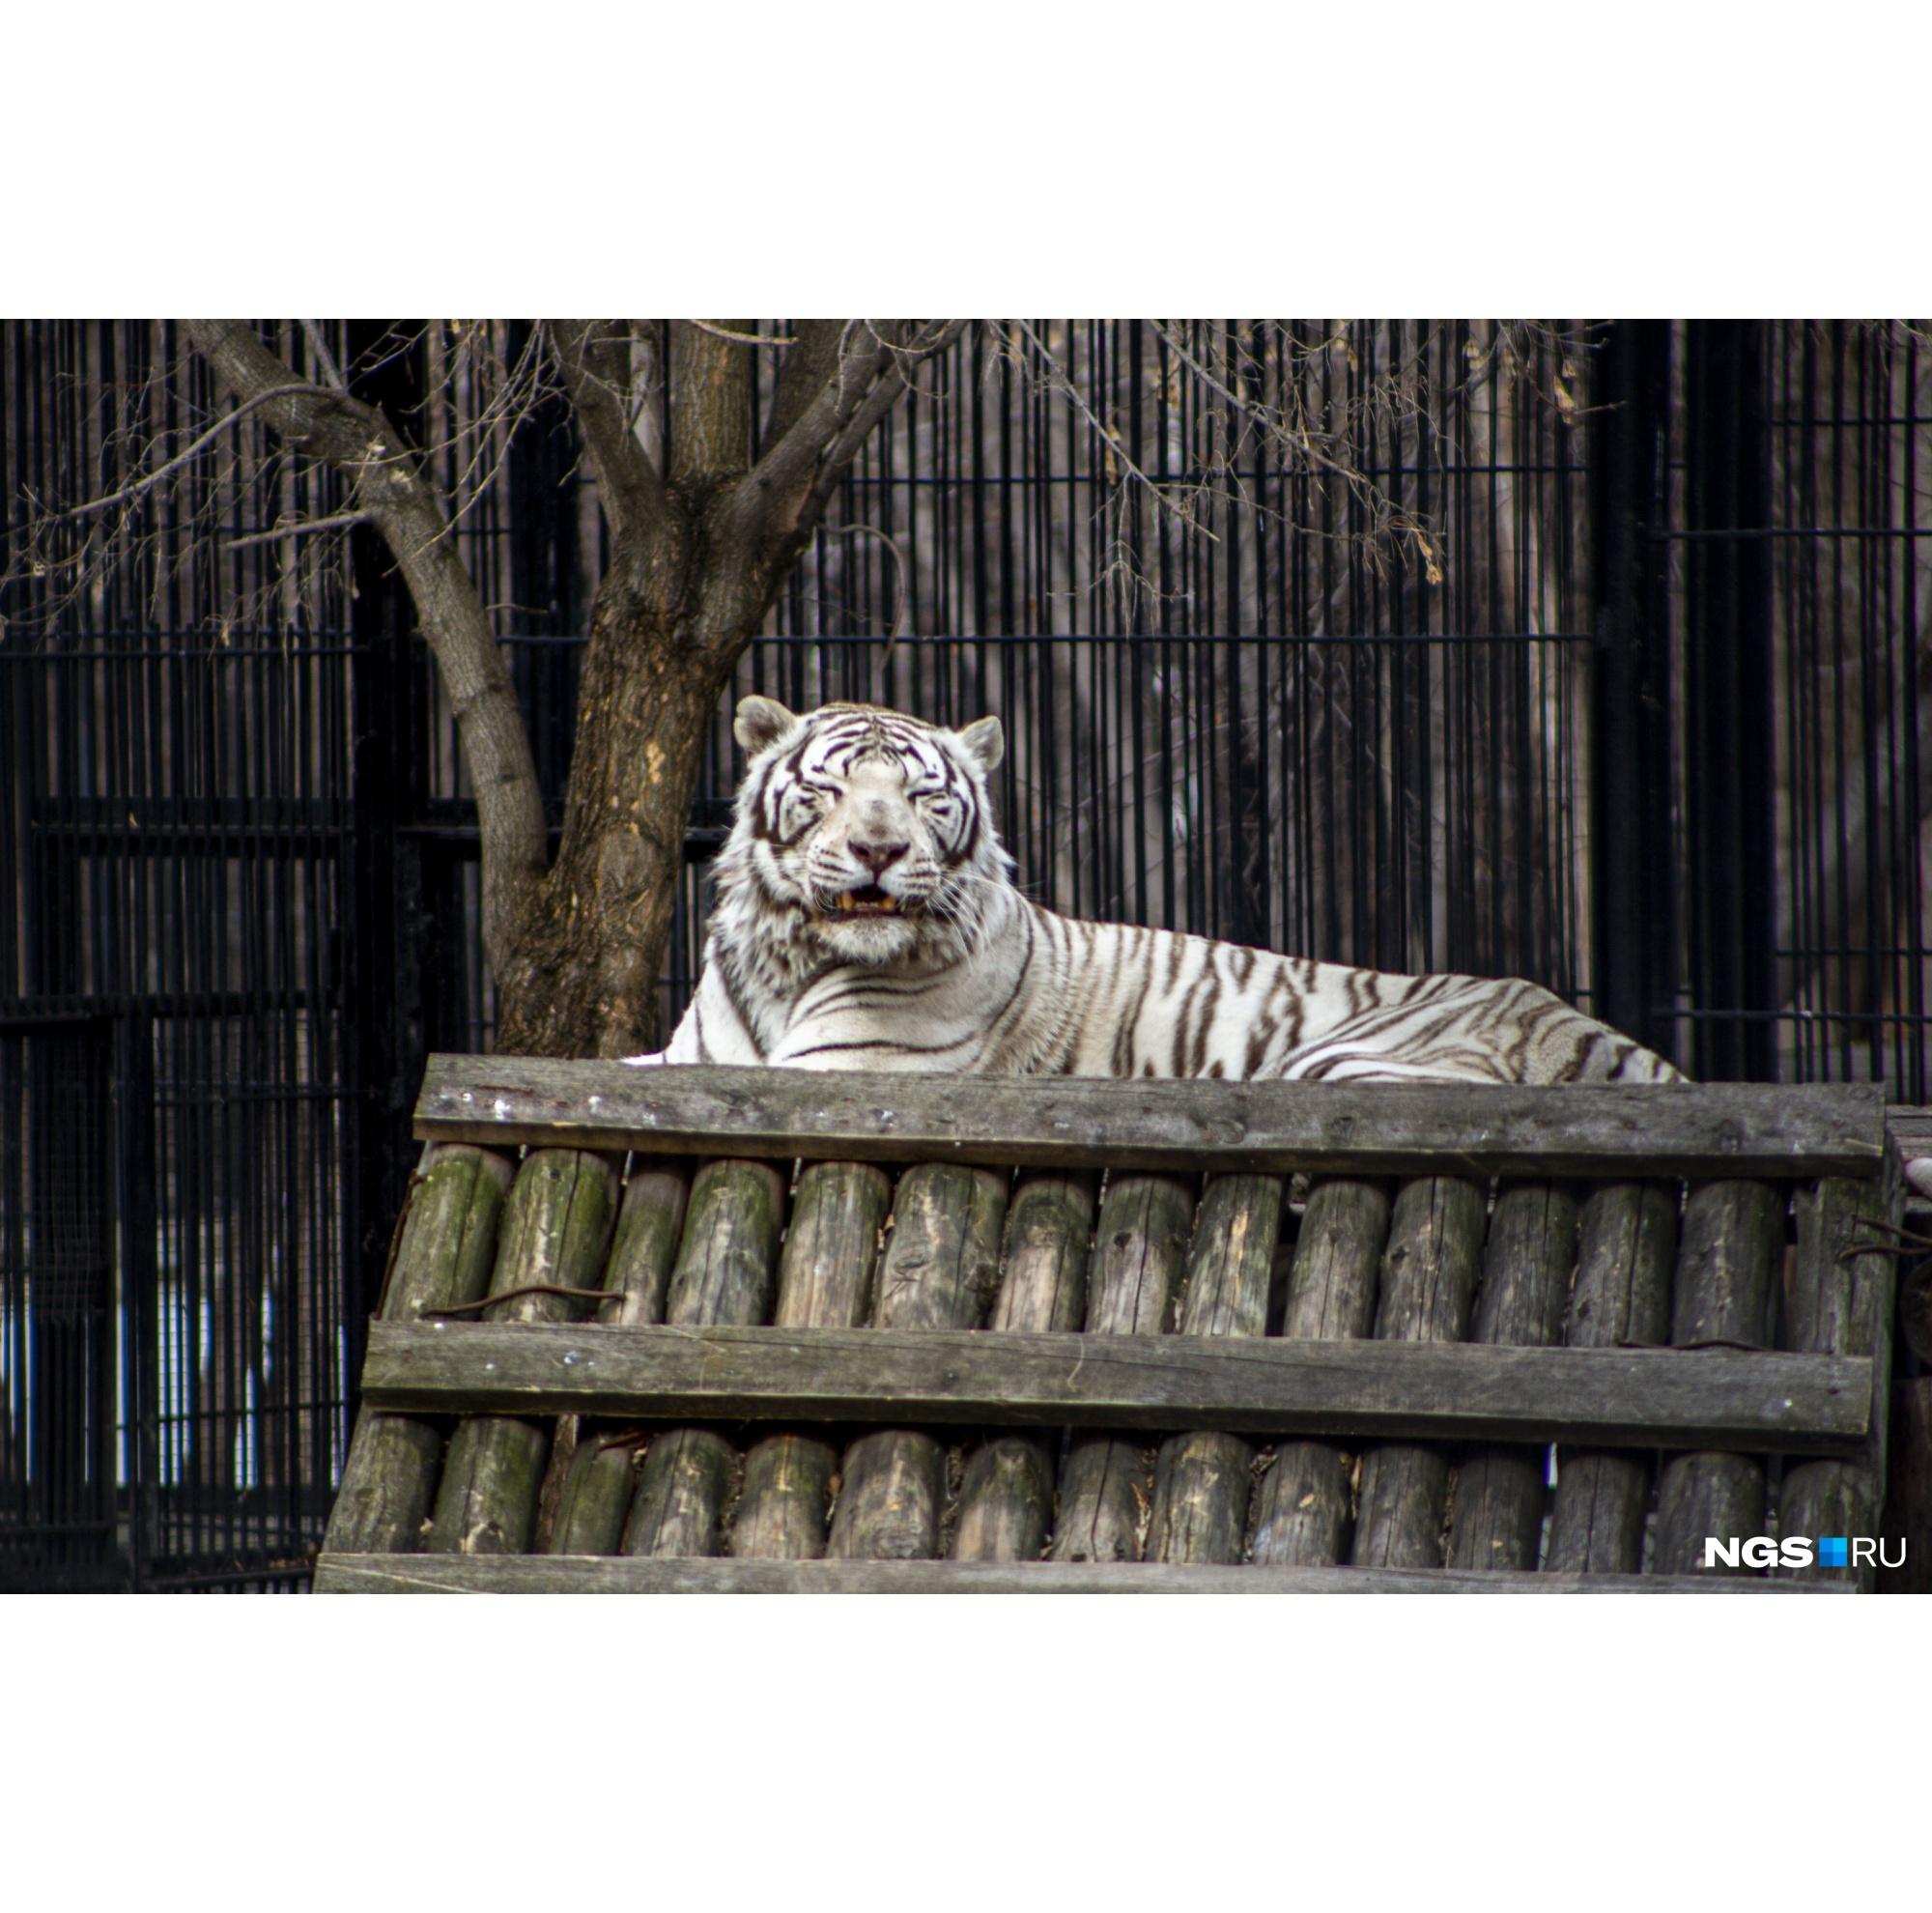 Рано или поздно гости в зоопарк вернутся, а пока там спокойствие и тишина